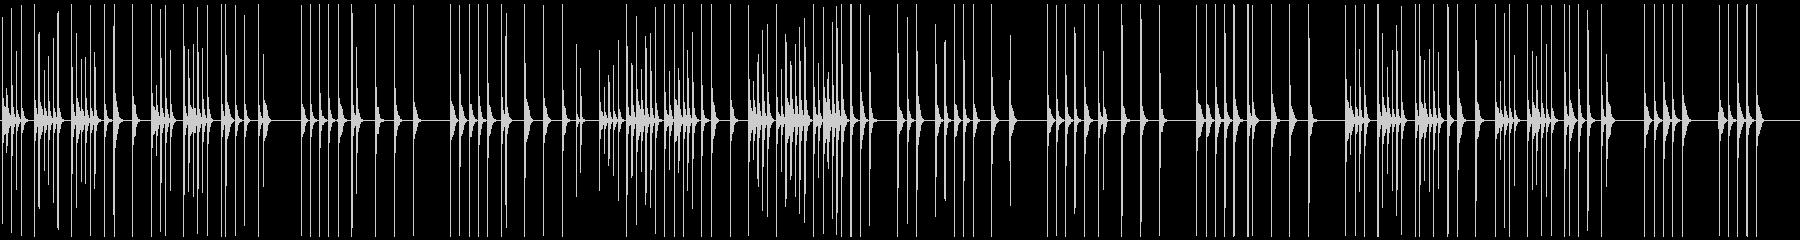 映像向木琴の優しくほのぼのとして素朴温かの未再生の波形